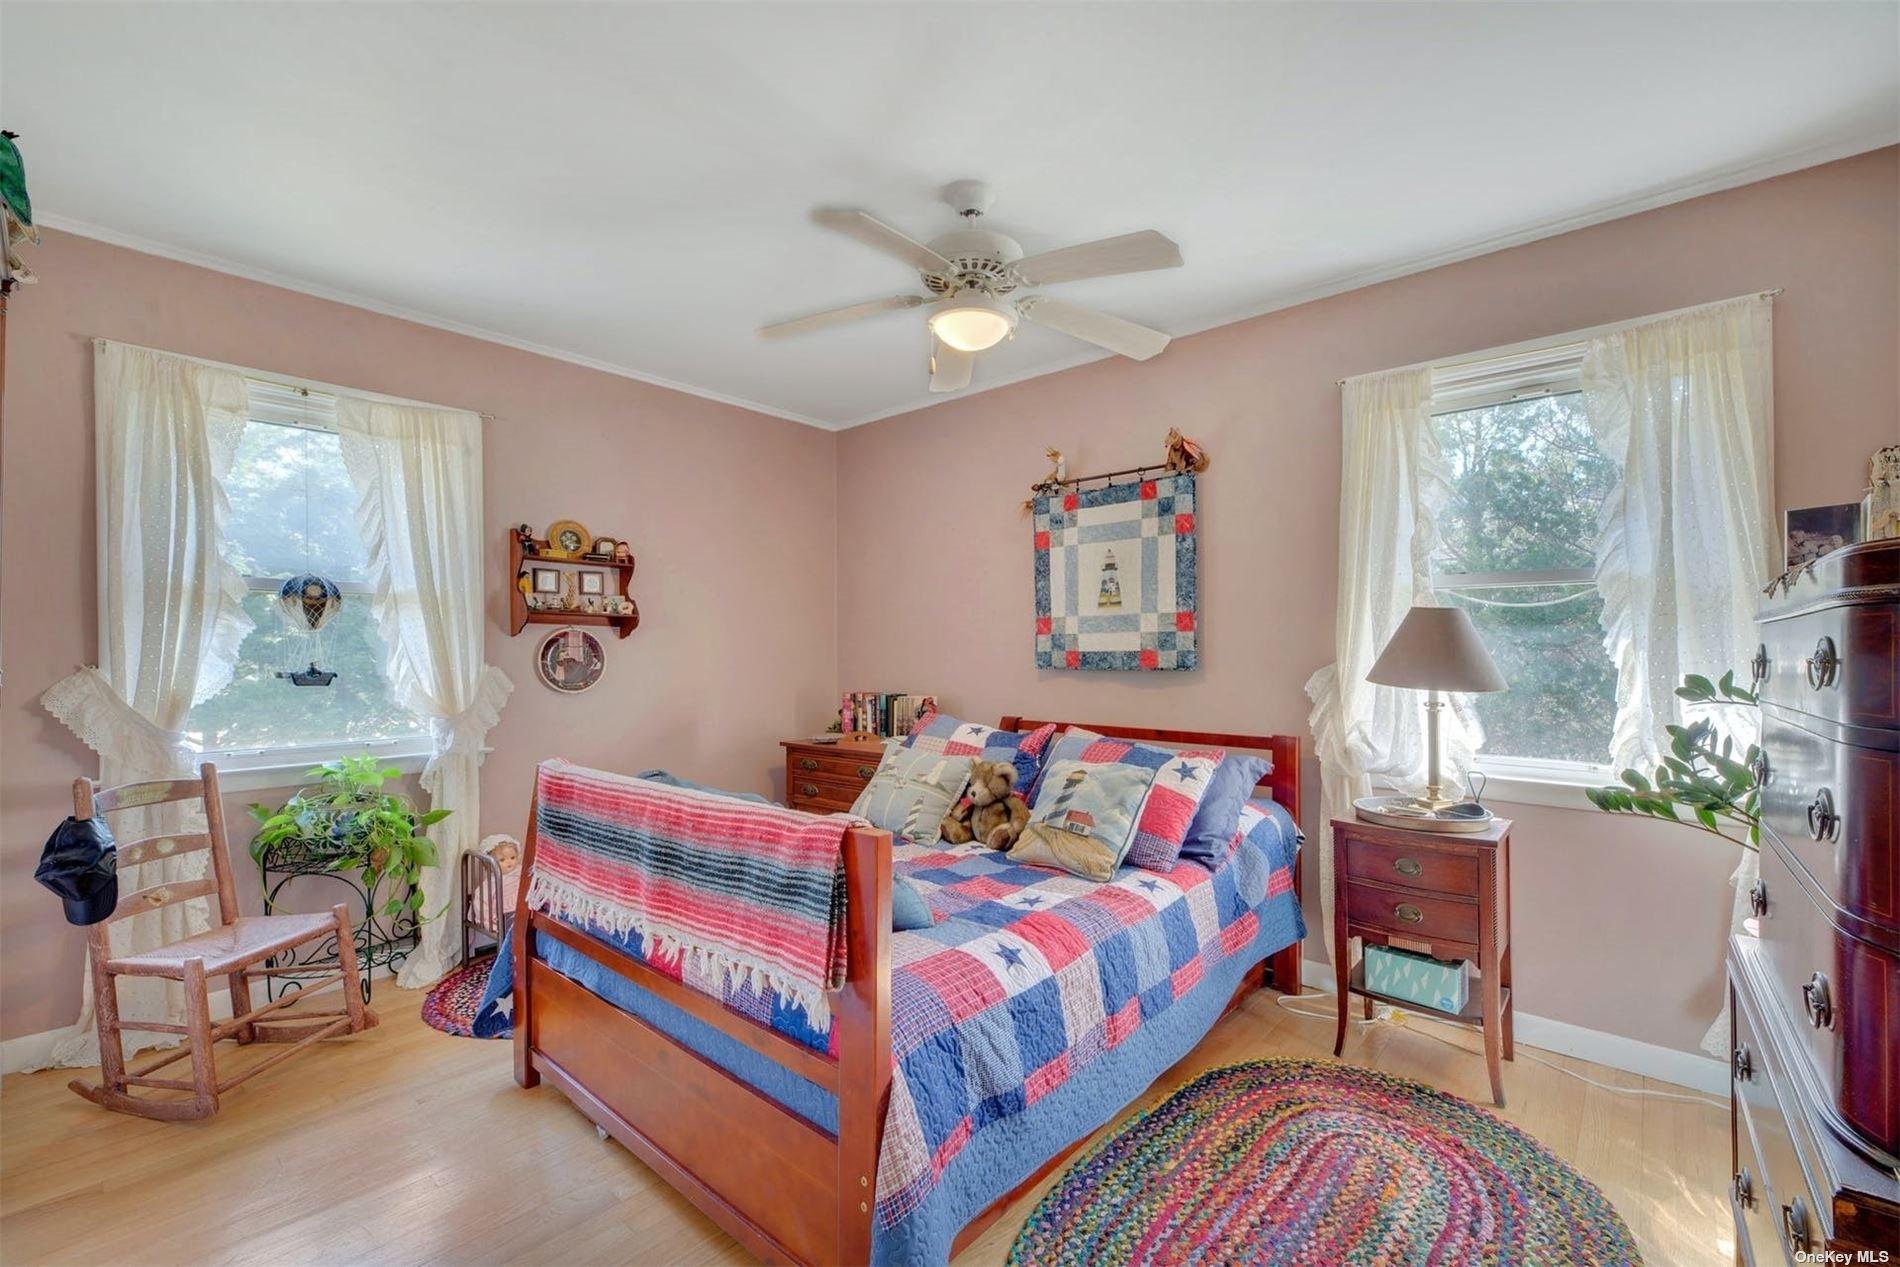 1145 Nakomis Road, Southold, NY  Southold, NY 11971